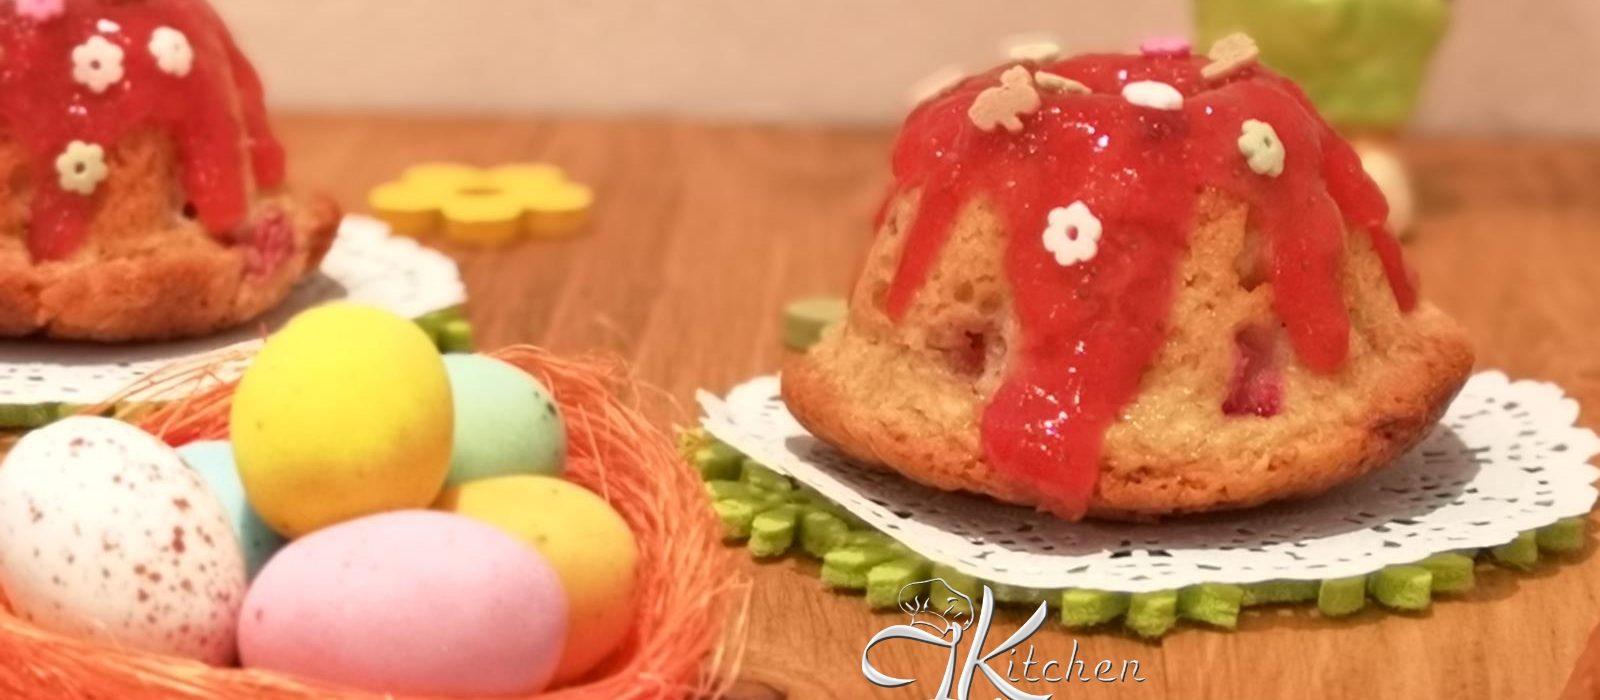 Ciambelline alle fragole per Pasqua